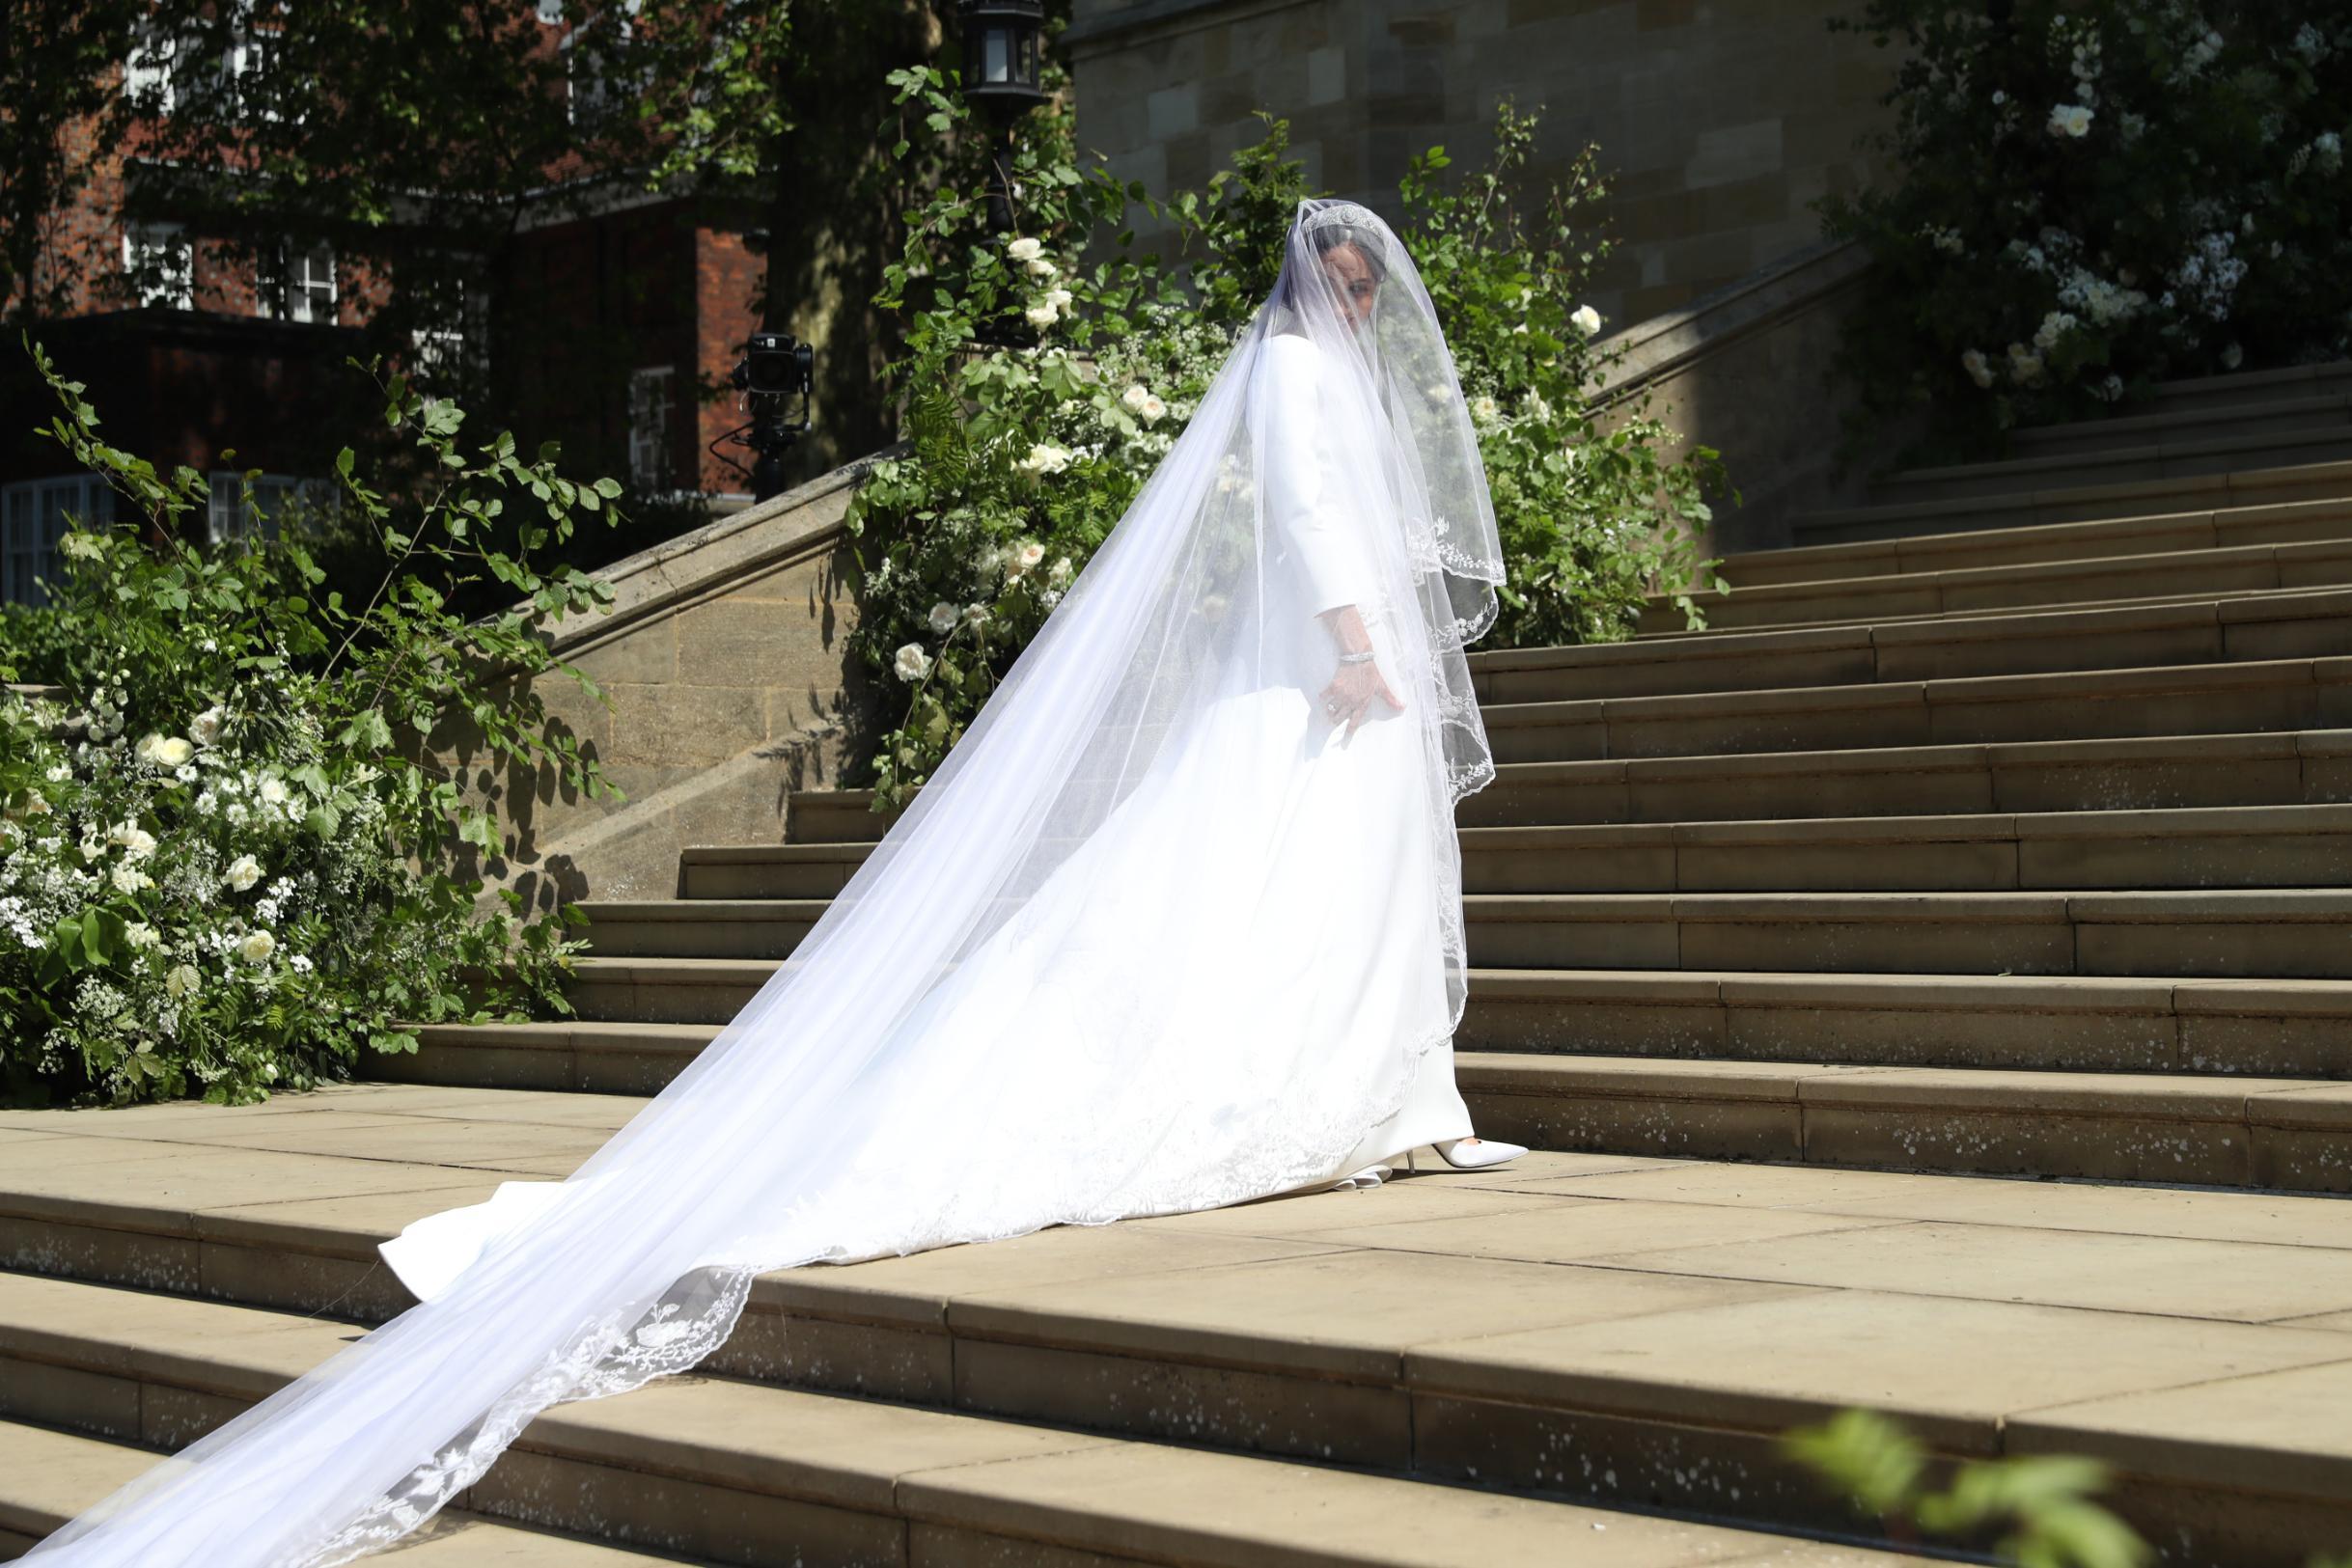 váy cưới của meghan markle từ thương hiệu givenchy